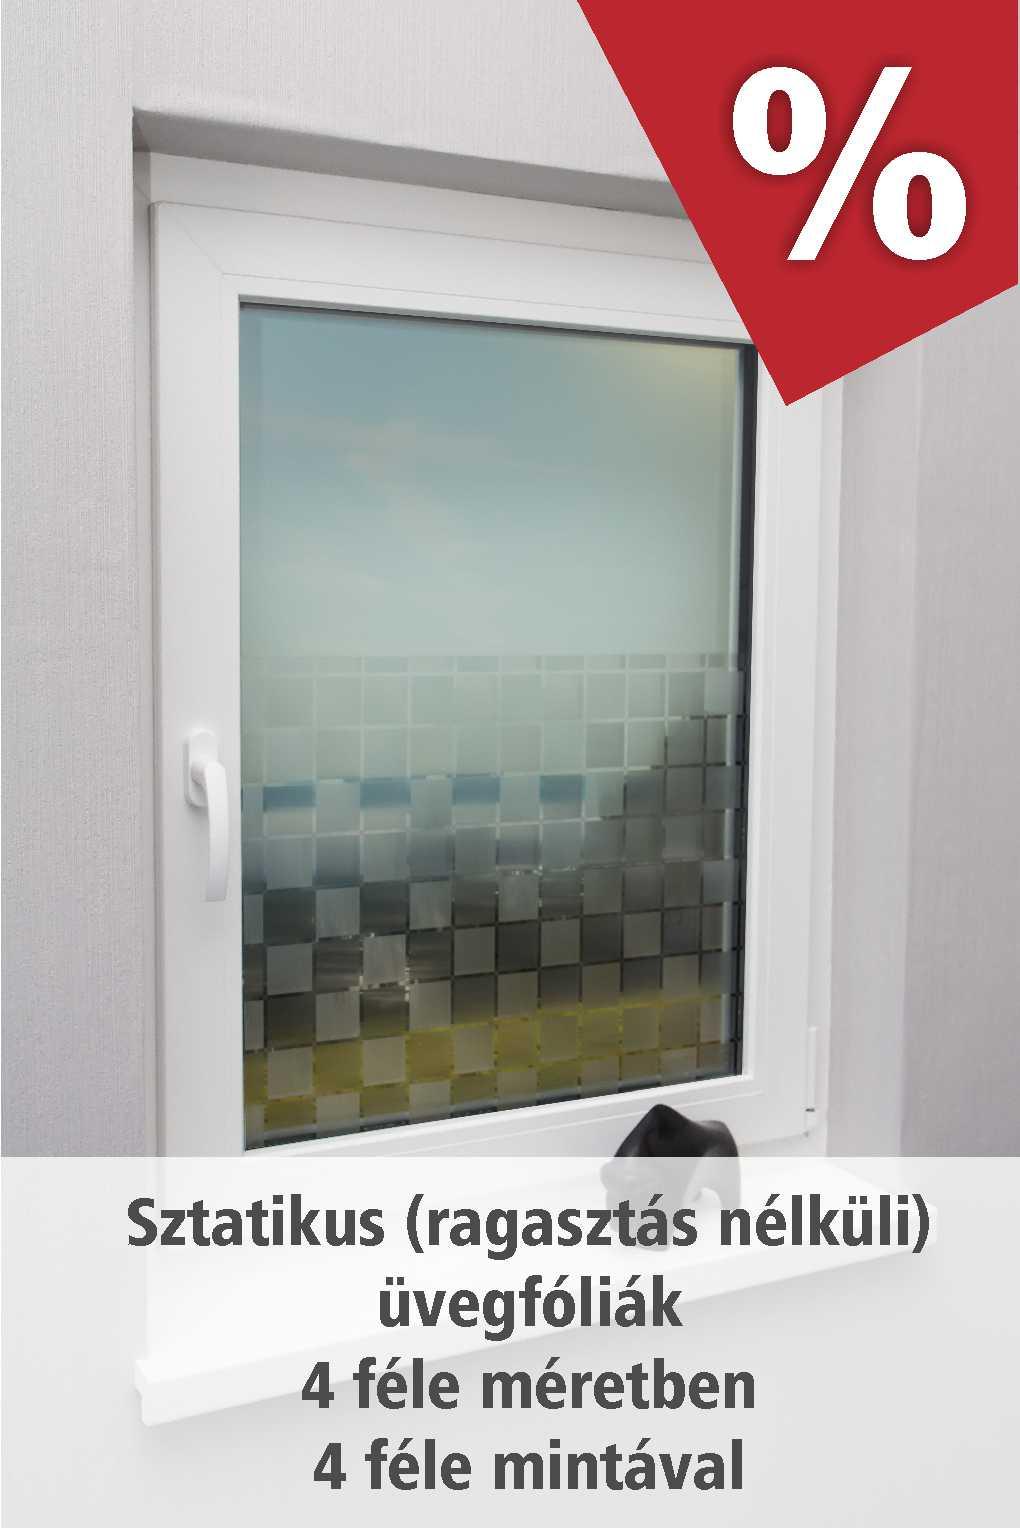 Ablakfóliák 4 méretben 4 féle mintával szeptemberben akciós áron - www.karnisstudio.hu